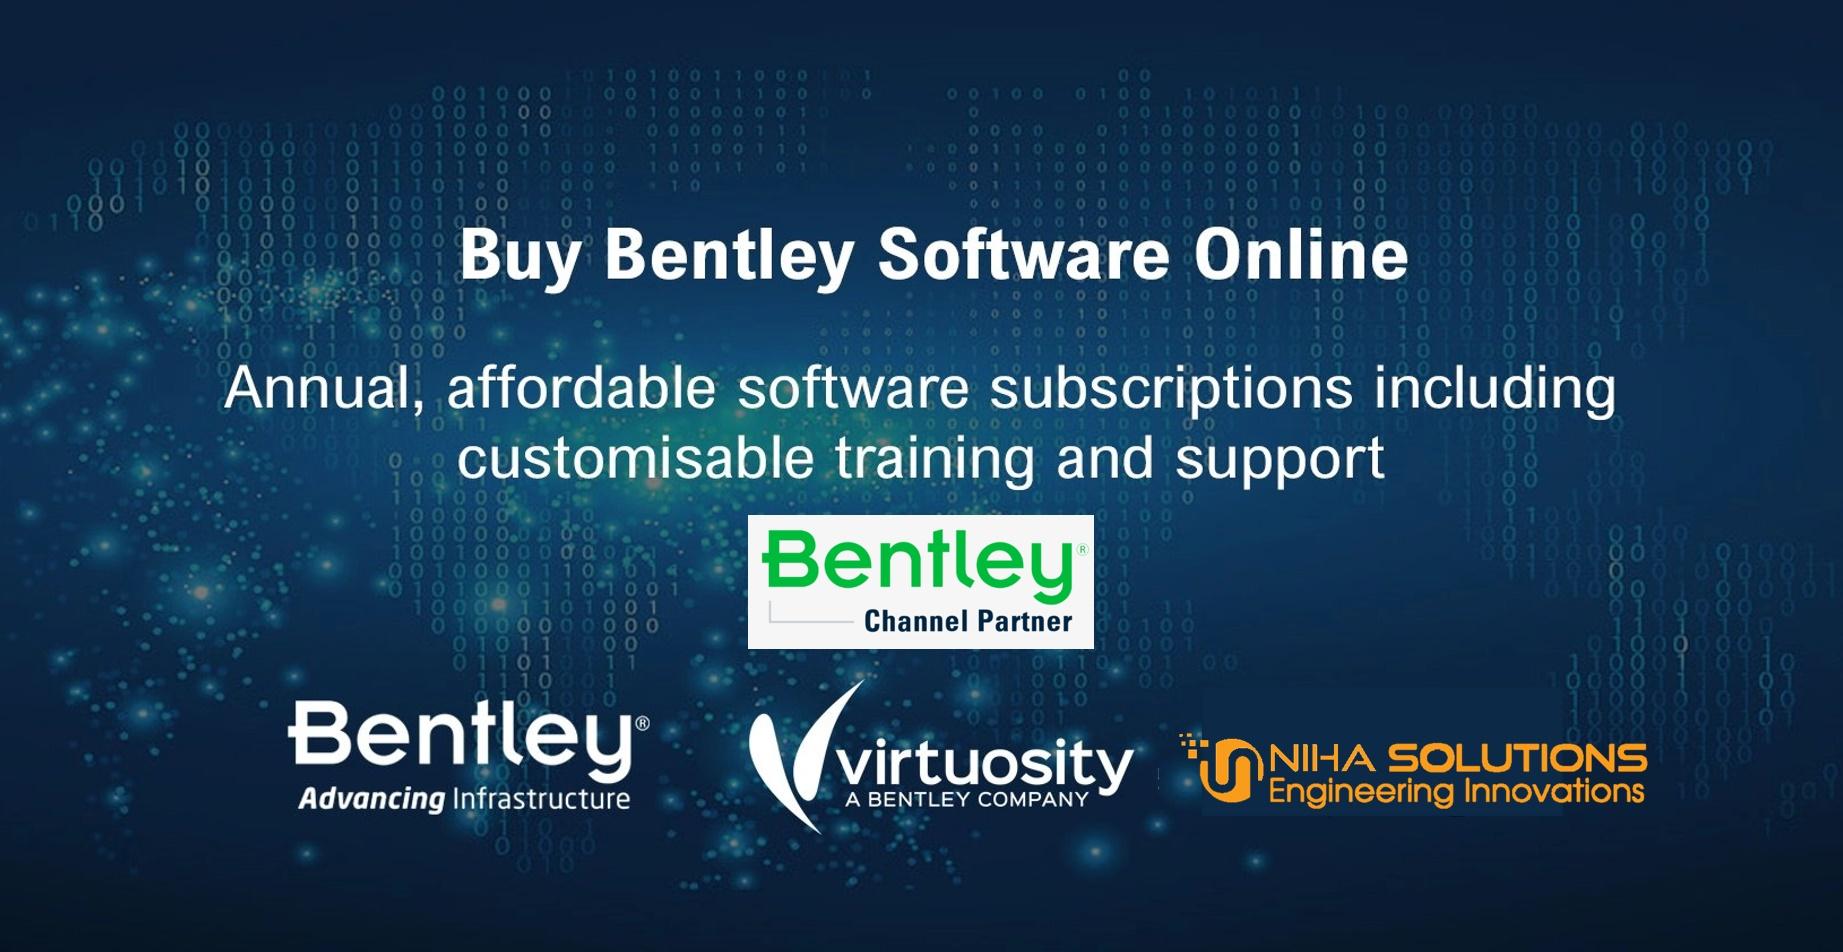 https://www.nihasolutions.com/bentley-virtuosity/